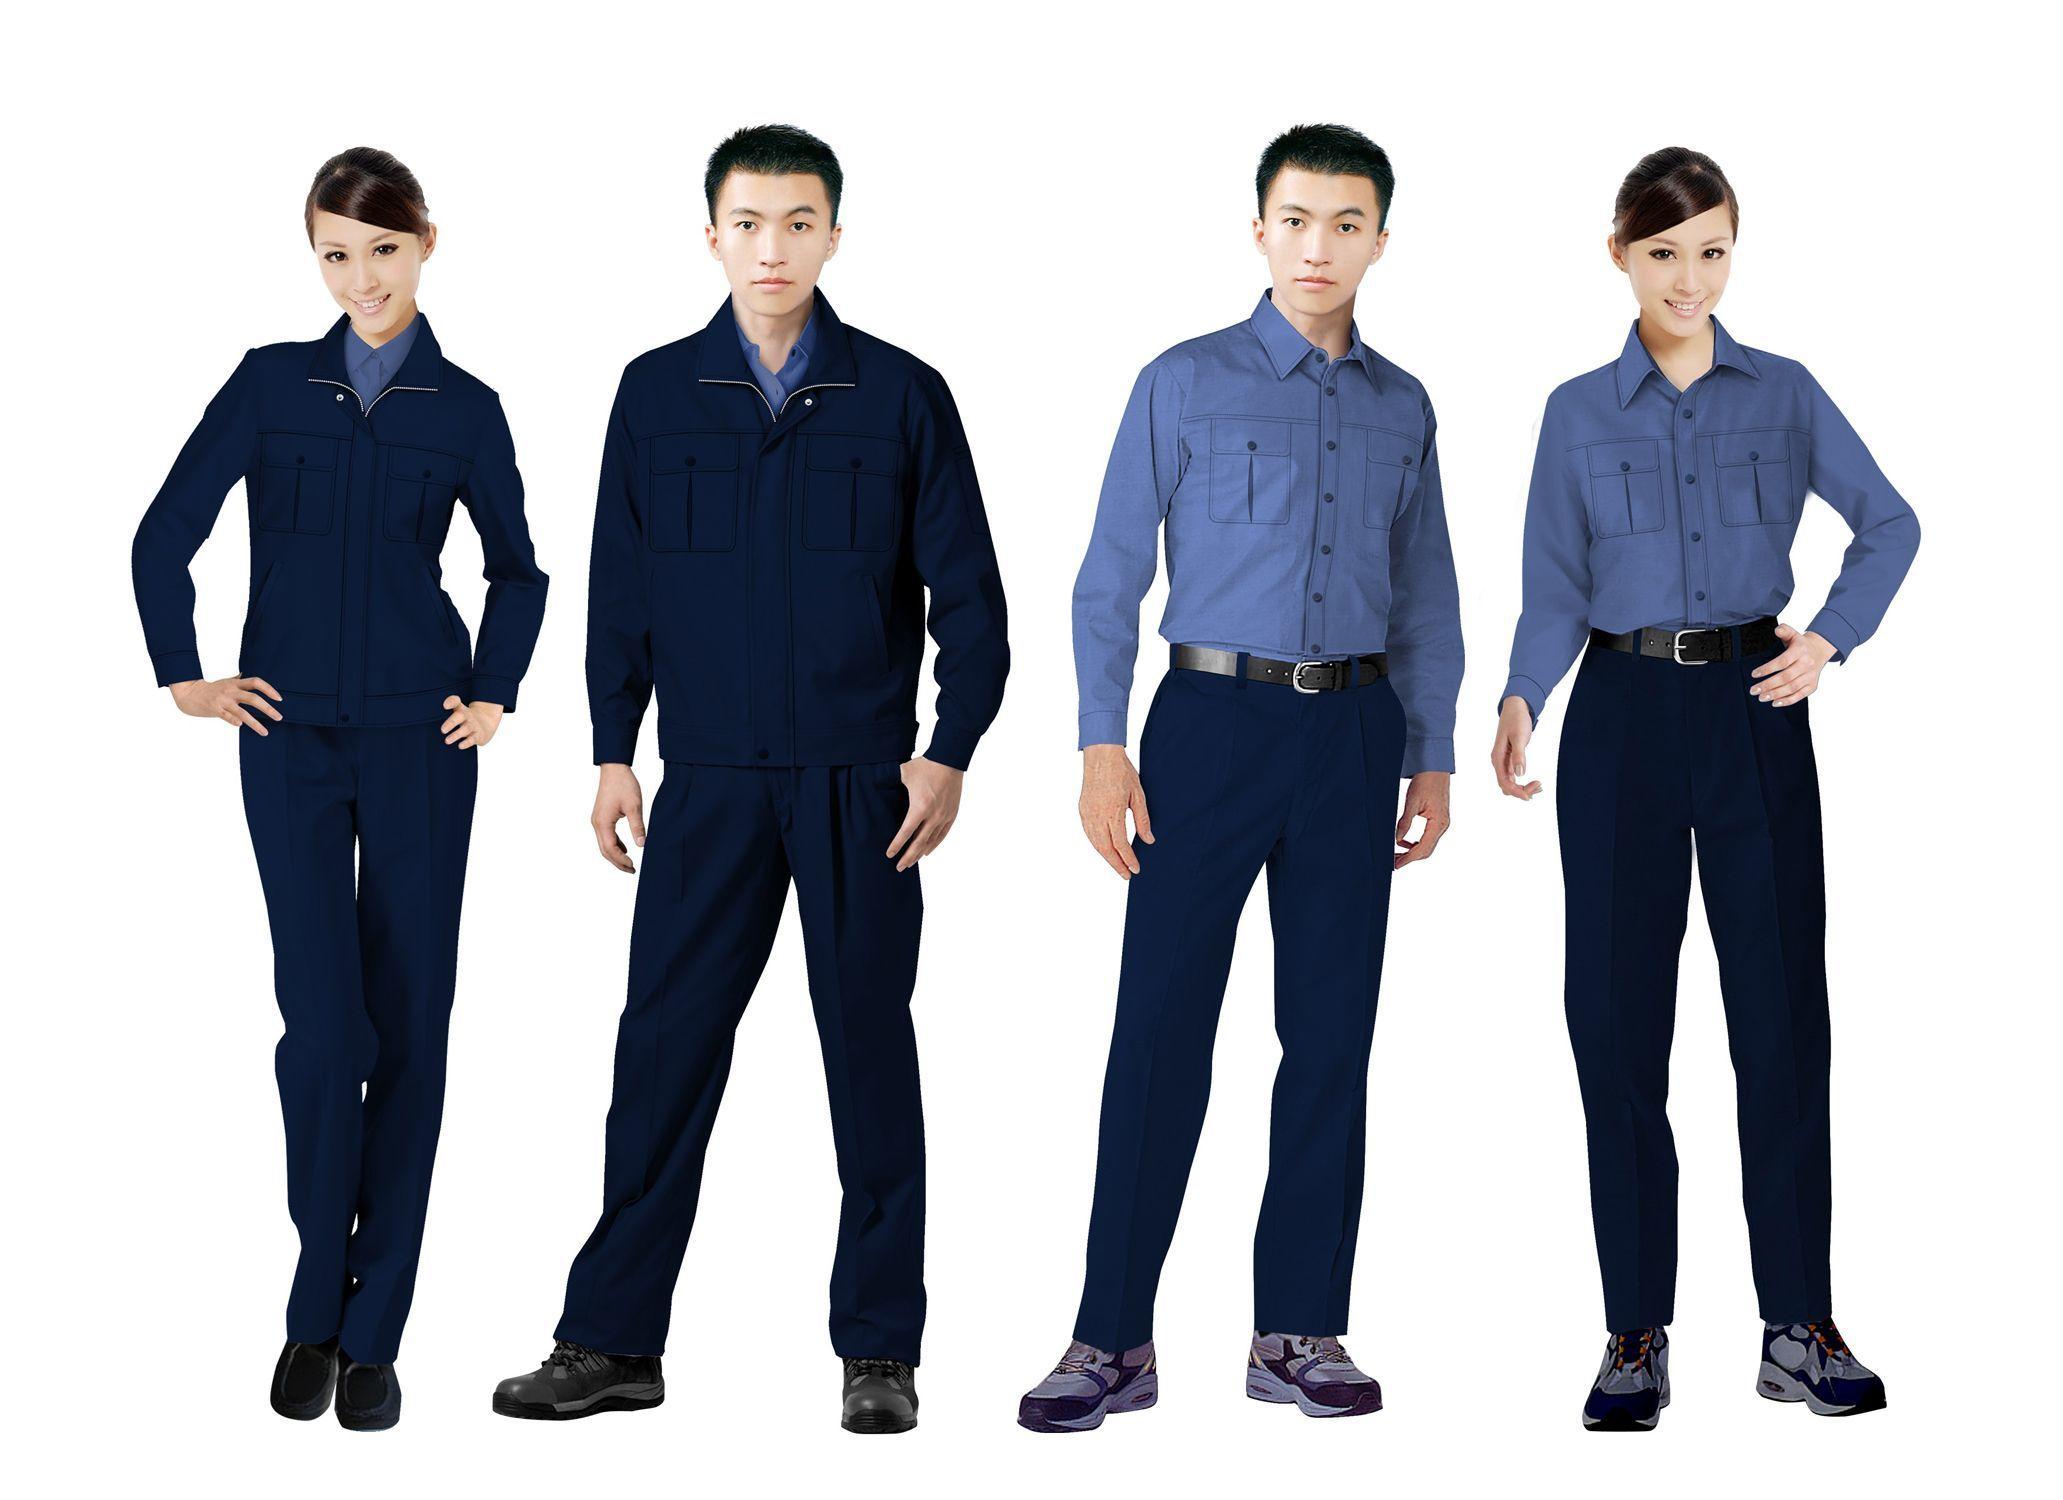 工作服设计图系列方案08